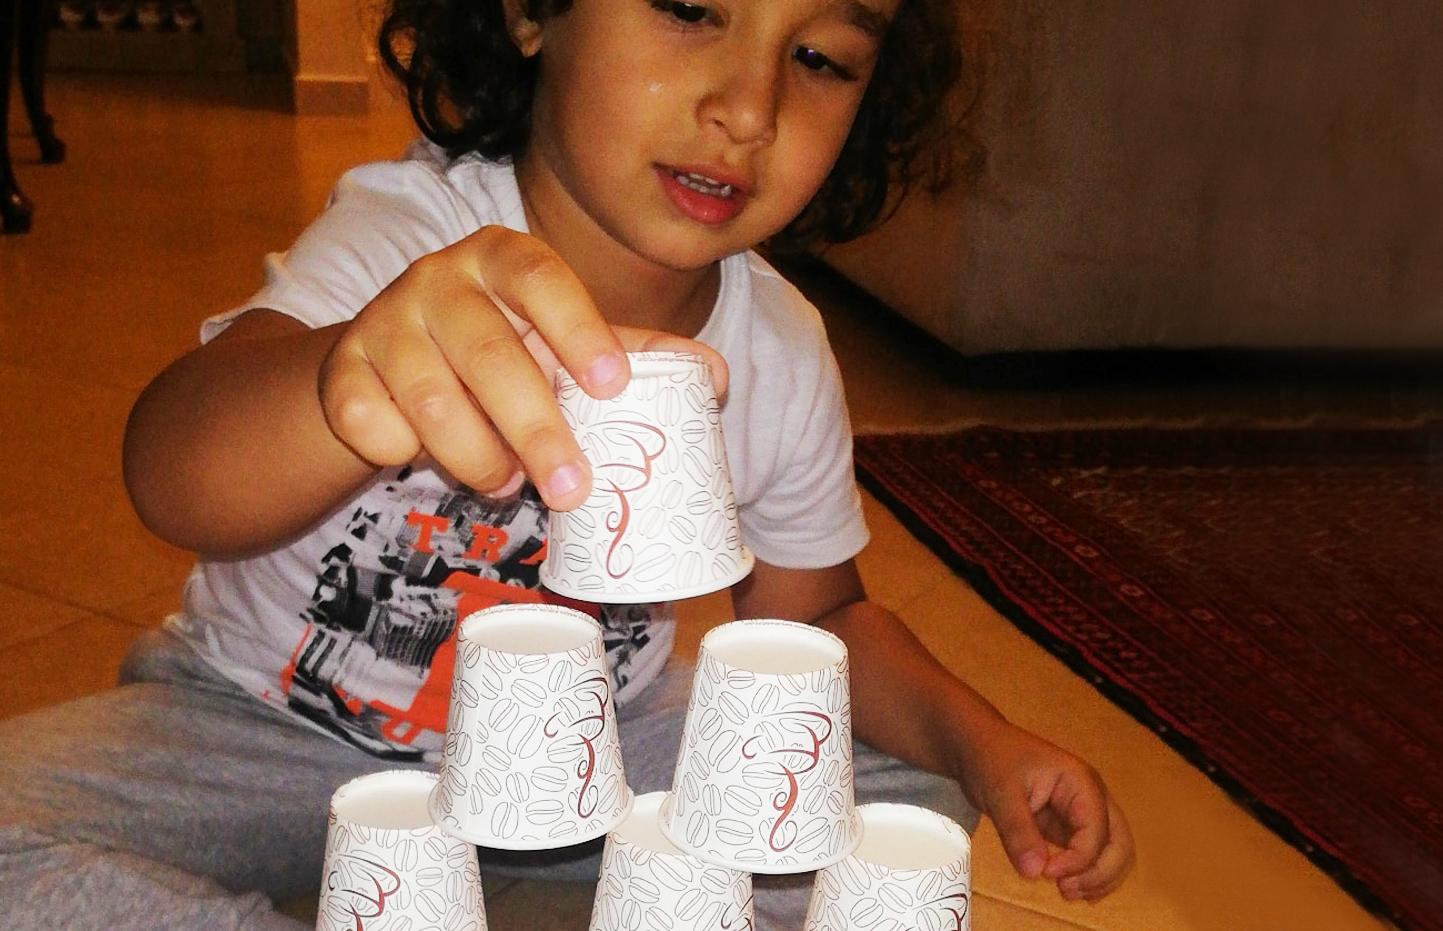 10 أفكار لتعليم طفلك عن طريق اللعب بالأكواب الورقية